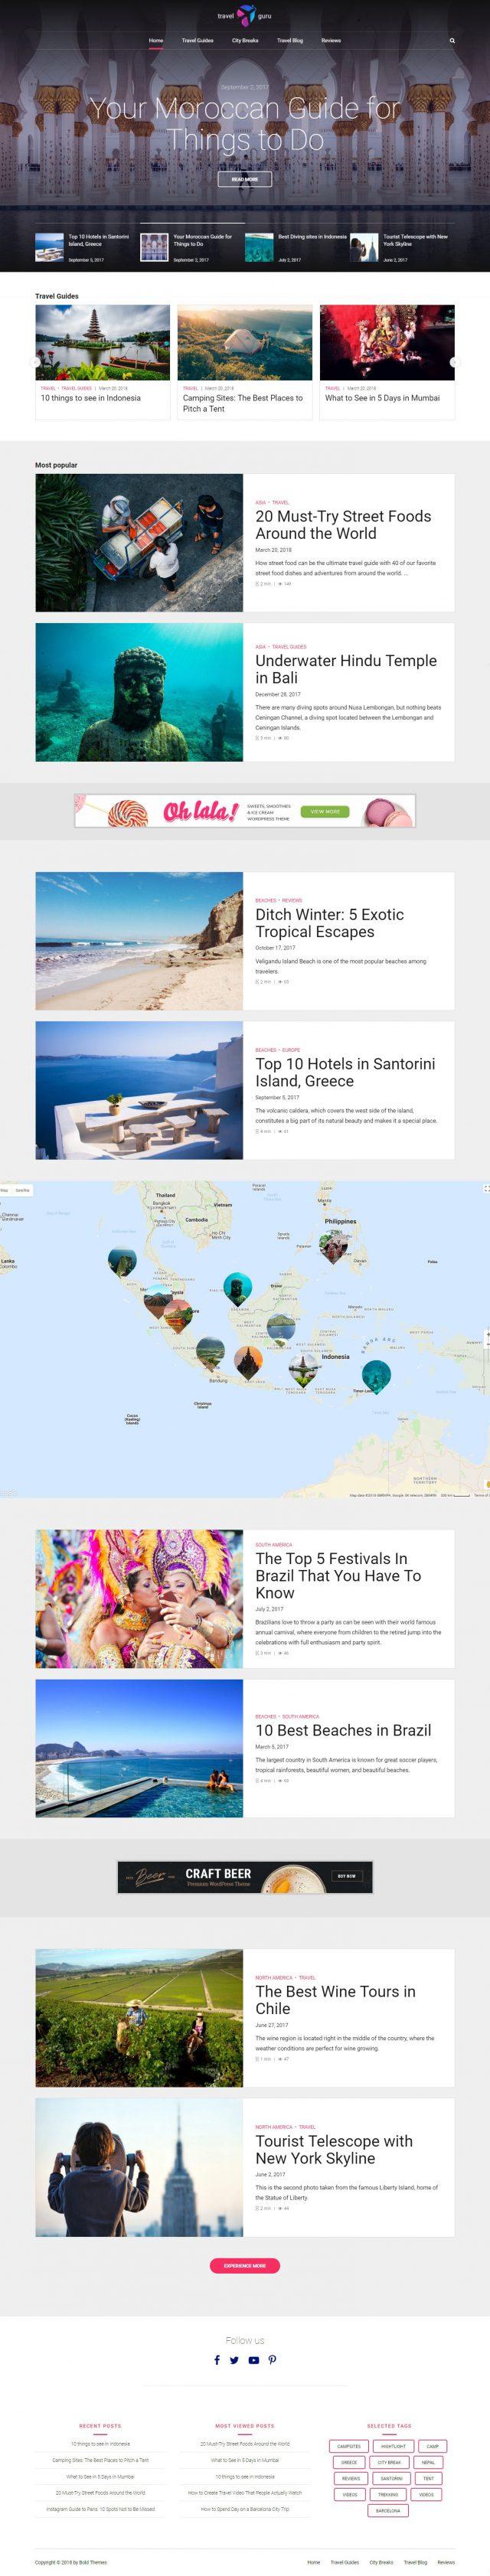 newstar wordpress theme travel homepage layout